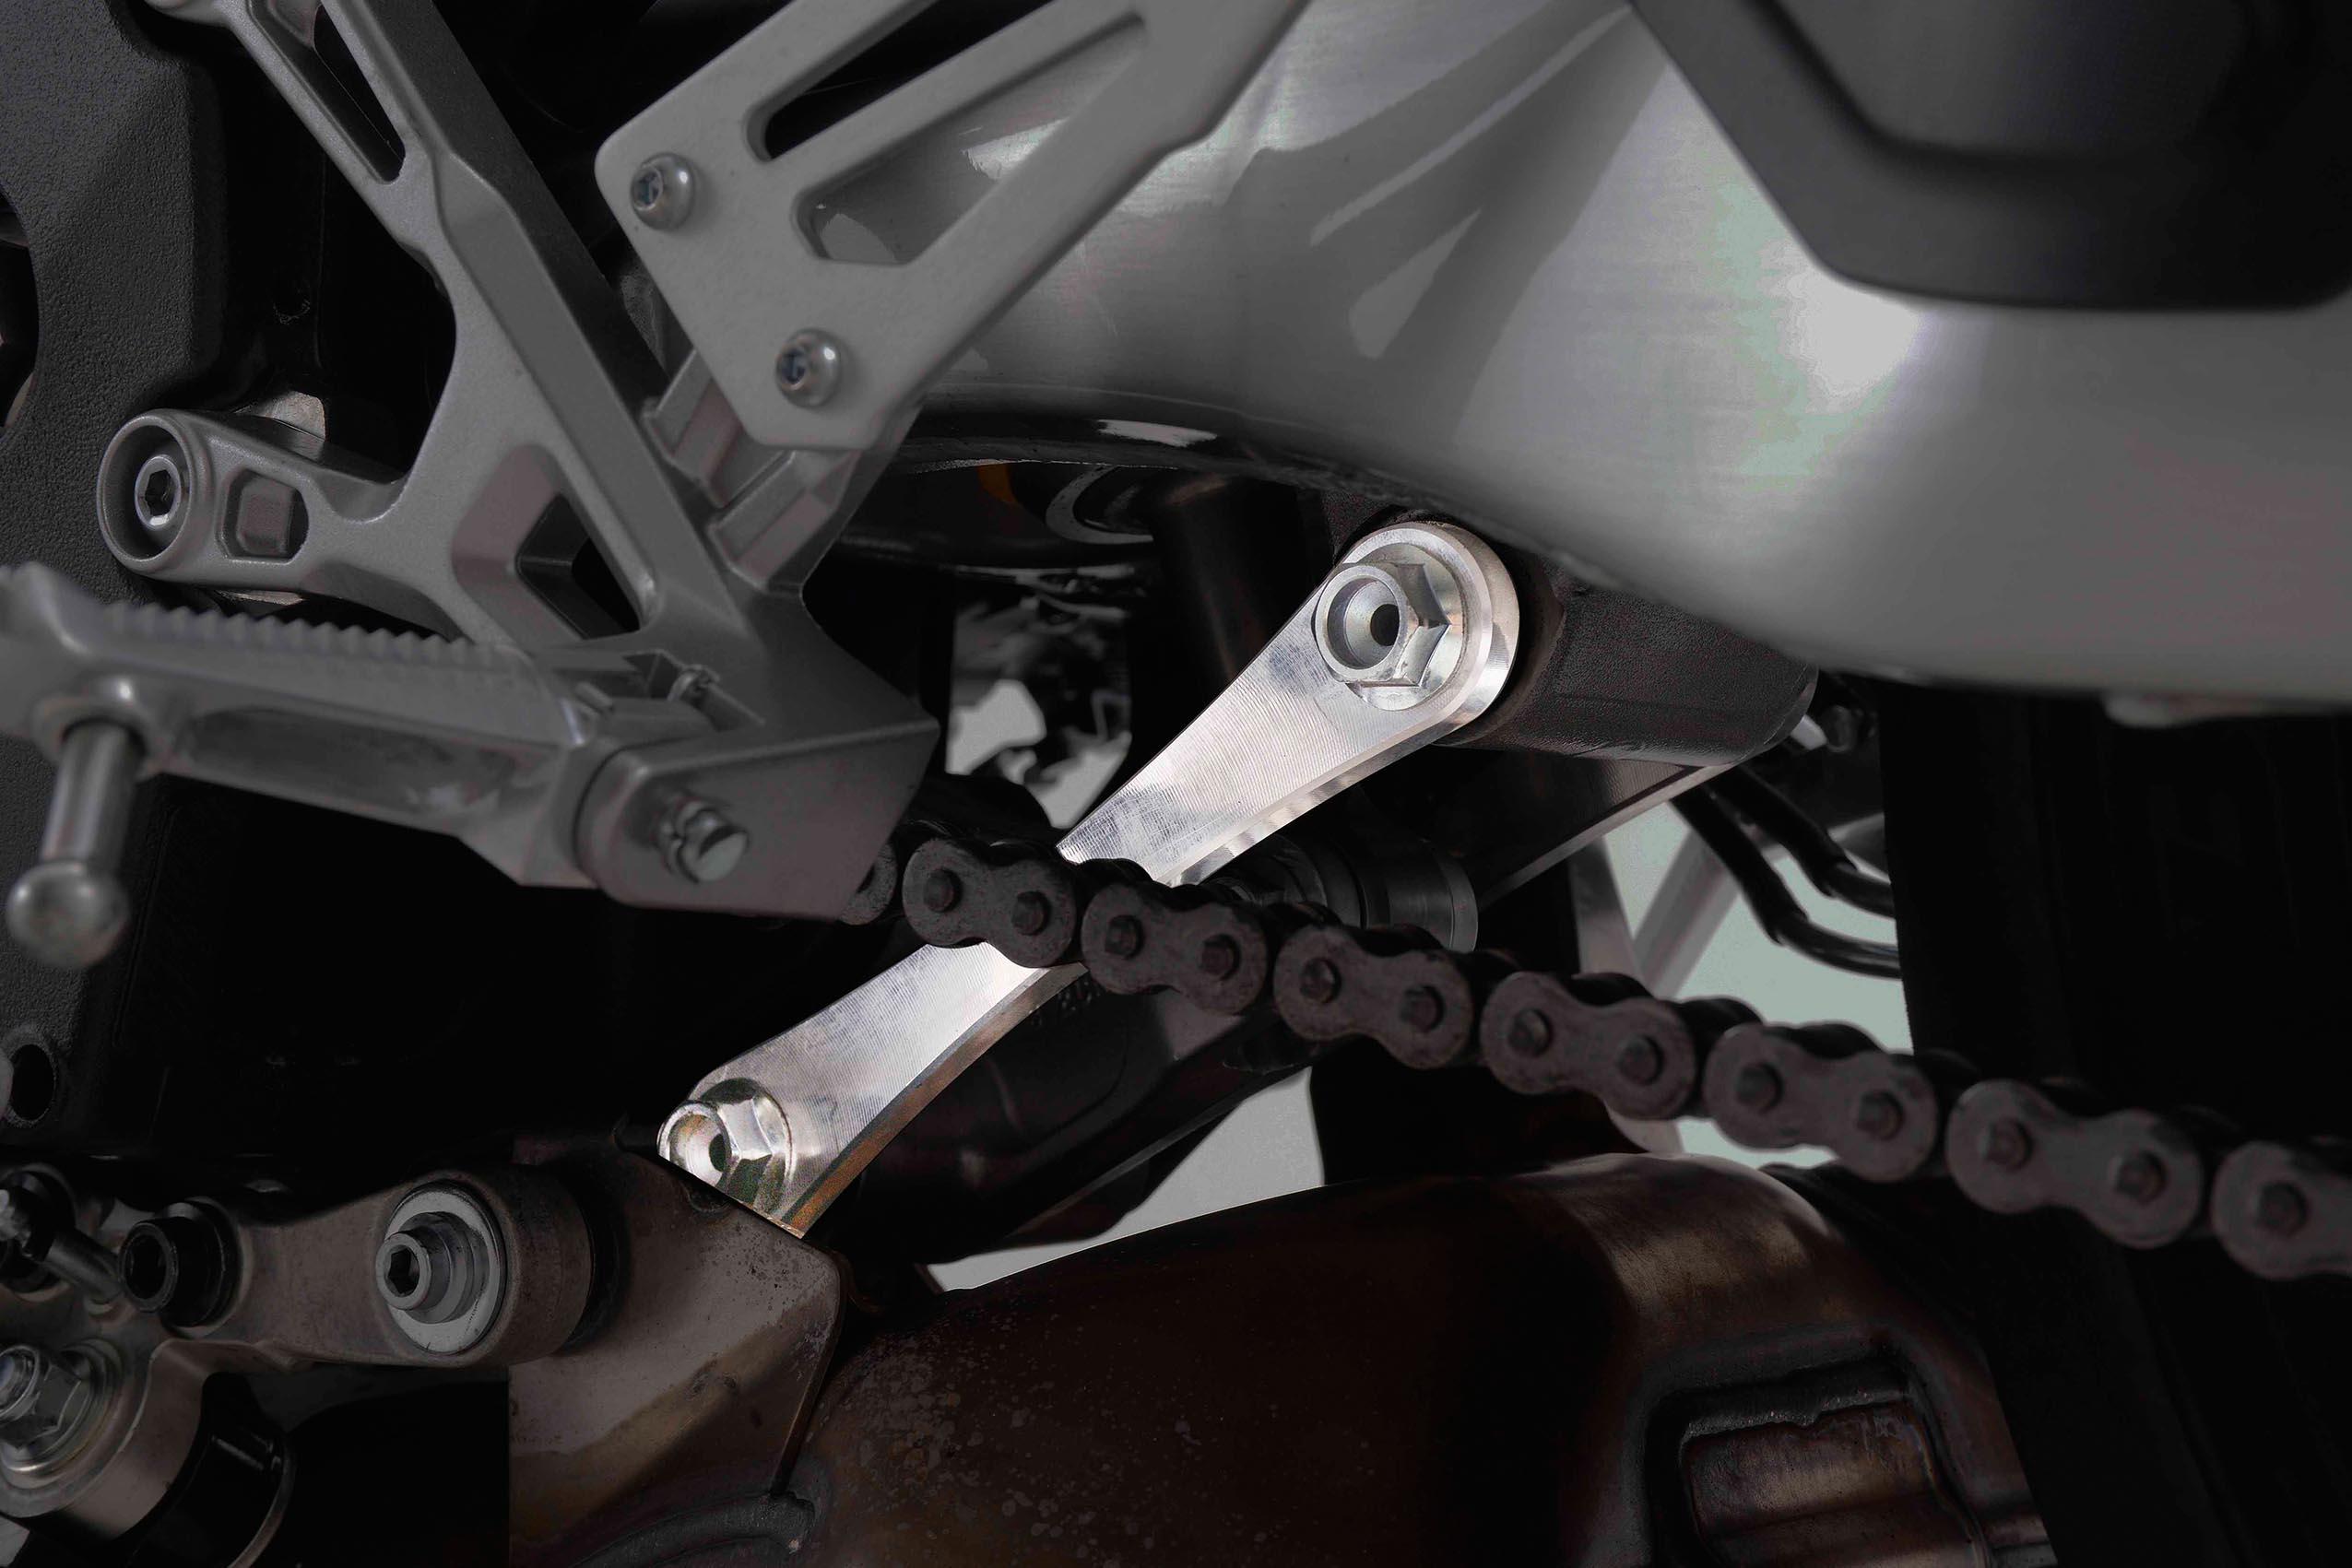 エフェックス ローダウンKIT 20mmダウン YZF-R1 15-19 MT-10SP 17